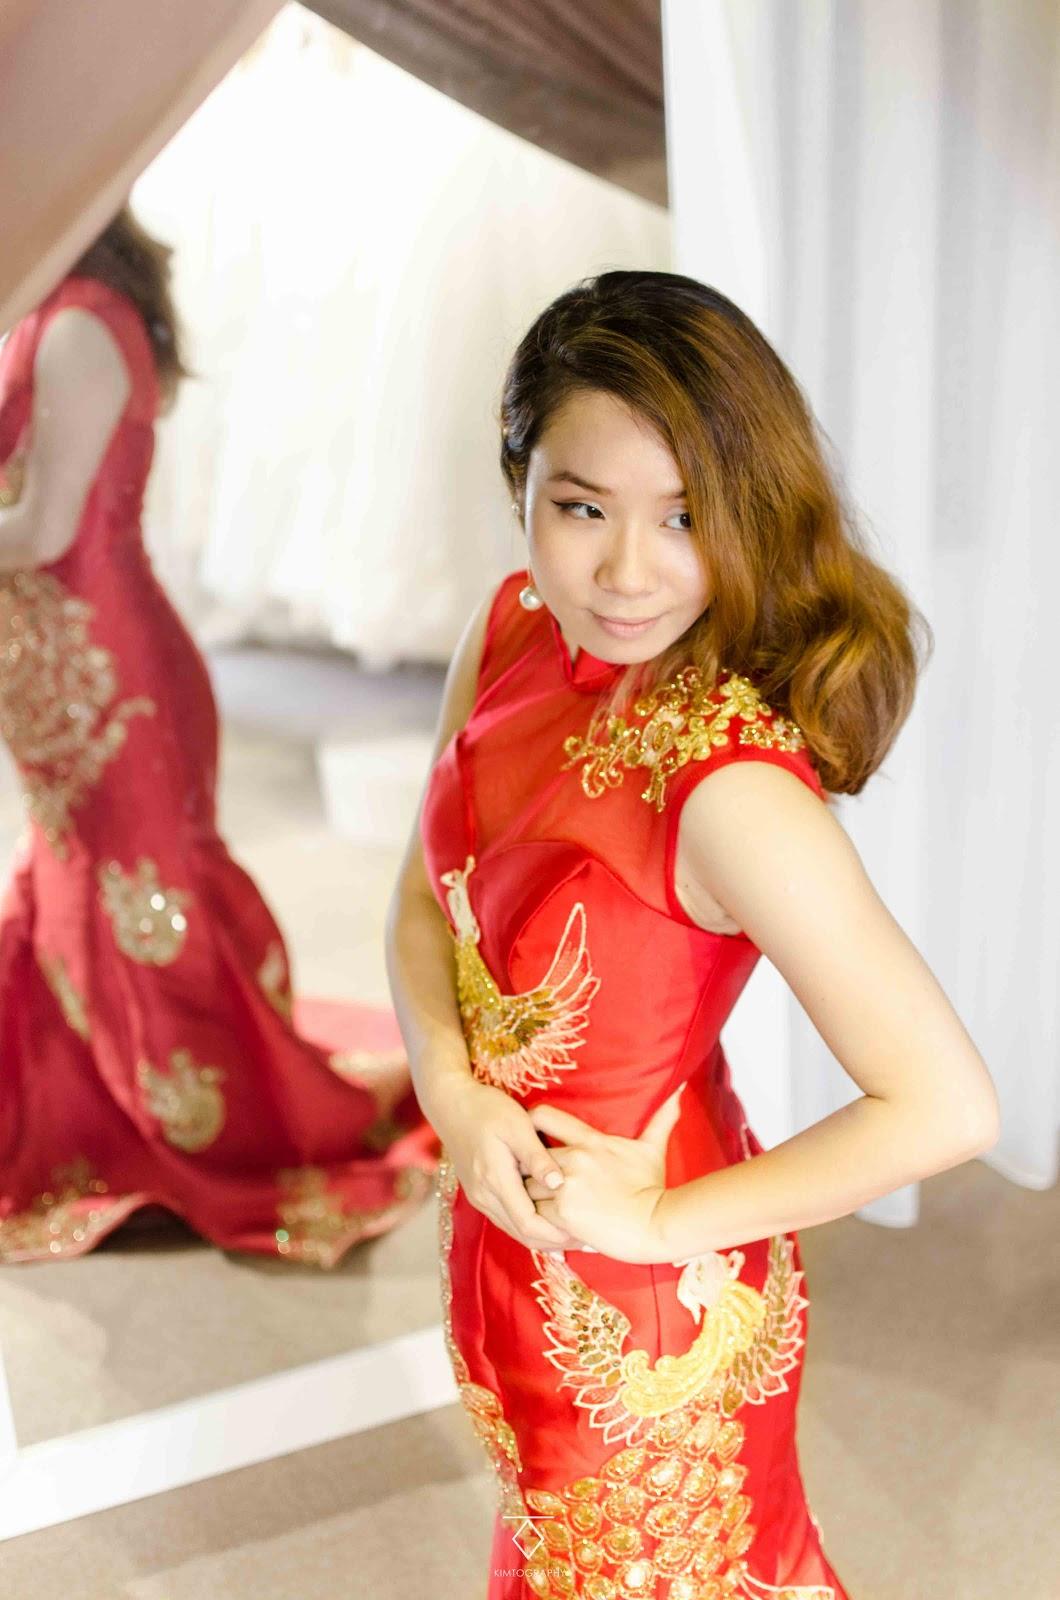 Silly wedding dresses wedding dresses in jax silly wedding dresses 62 ombrellifo Gallery